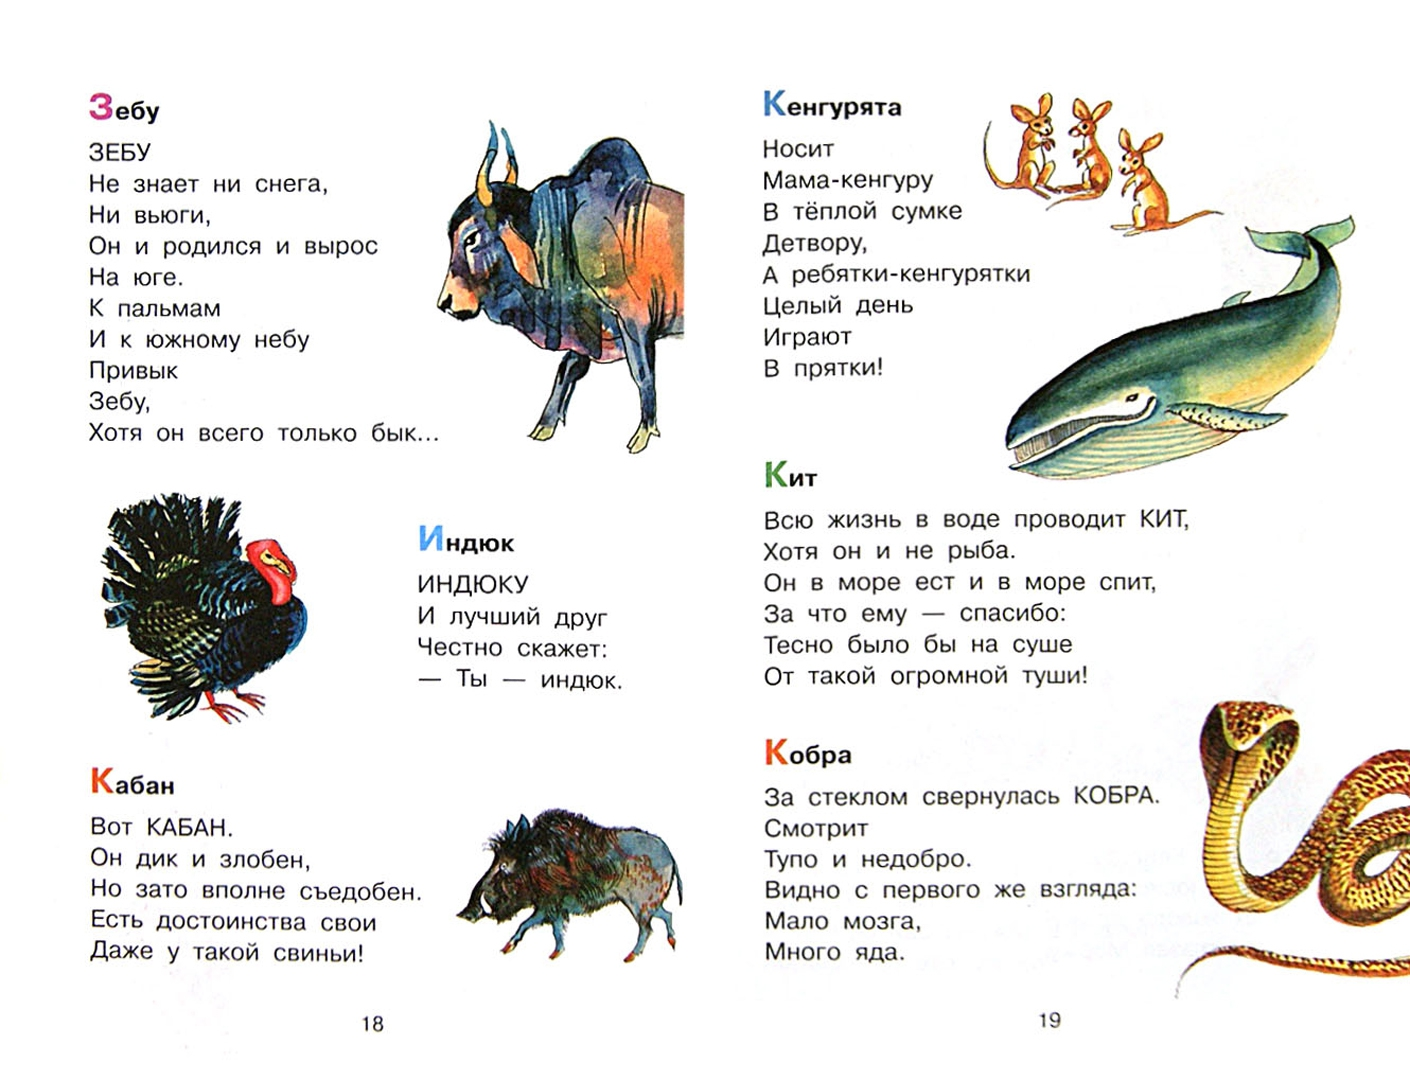 Иллюстрация 1 из 19 для Стихи - Борис Заходер | Лабиринт - книги. Источник: Лабиринт